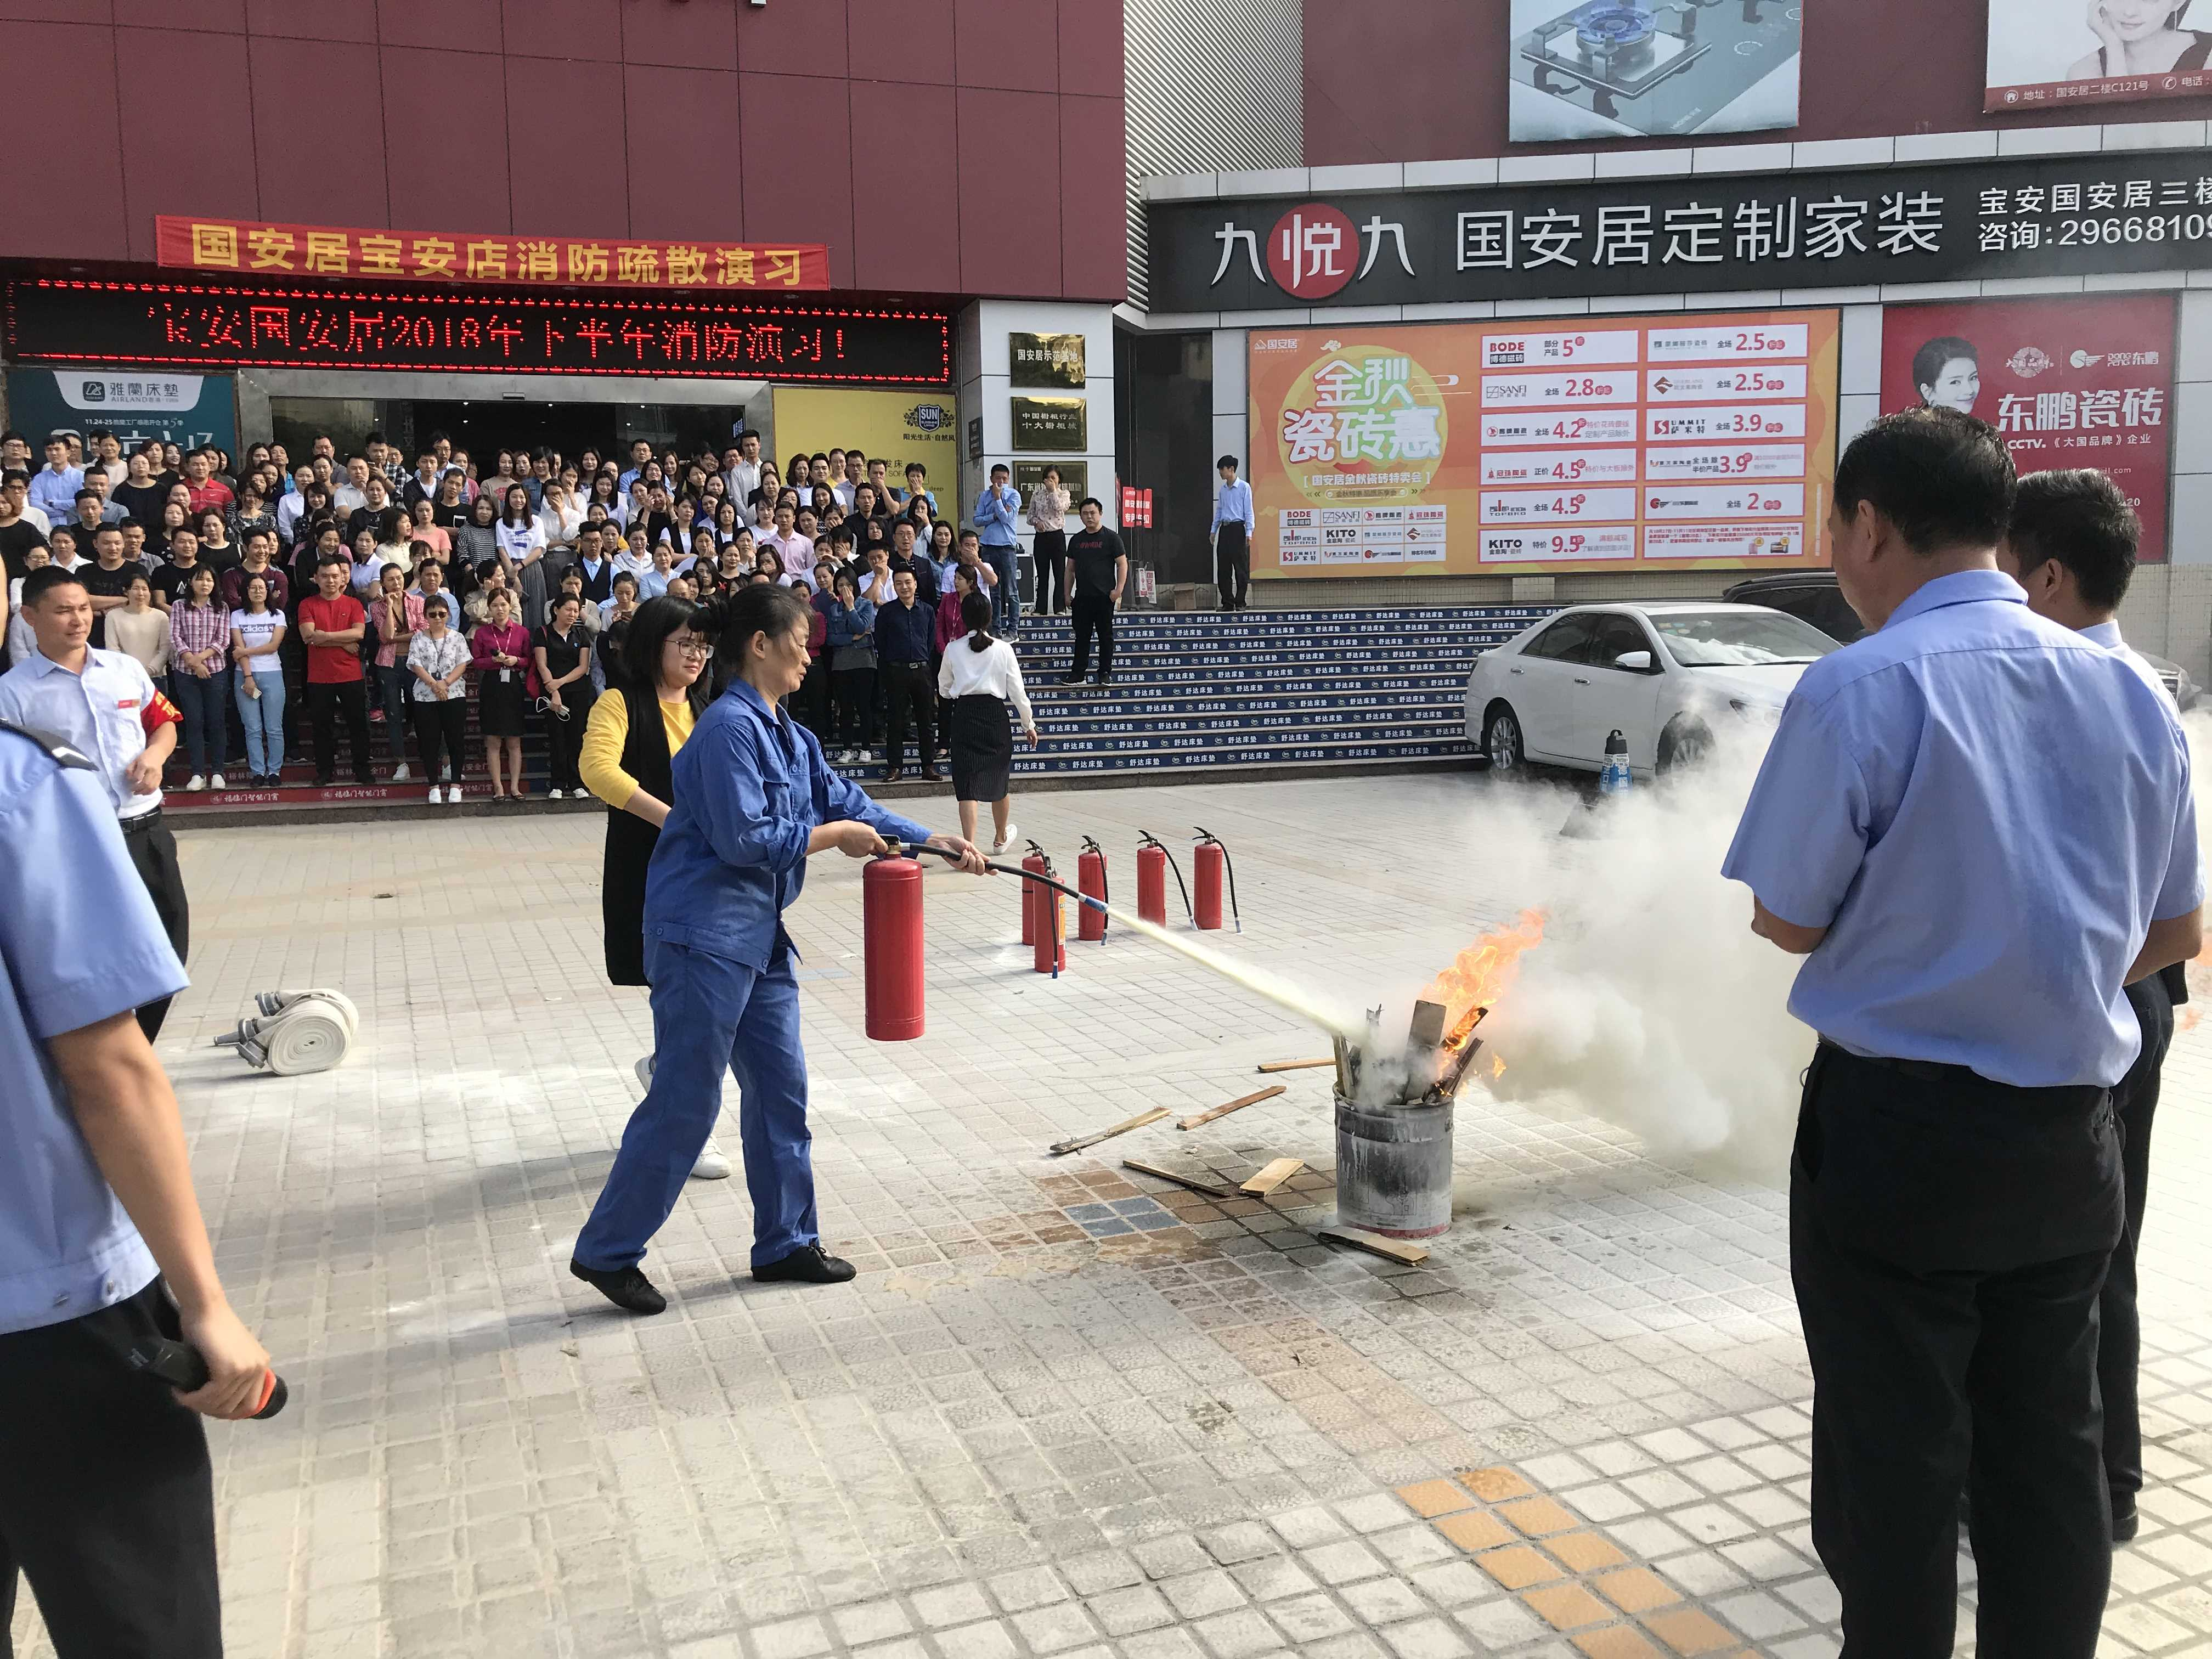 2018.11.9消防演习照片-613701075602613461